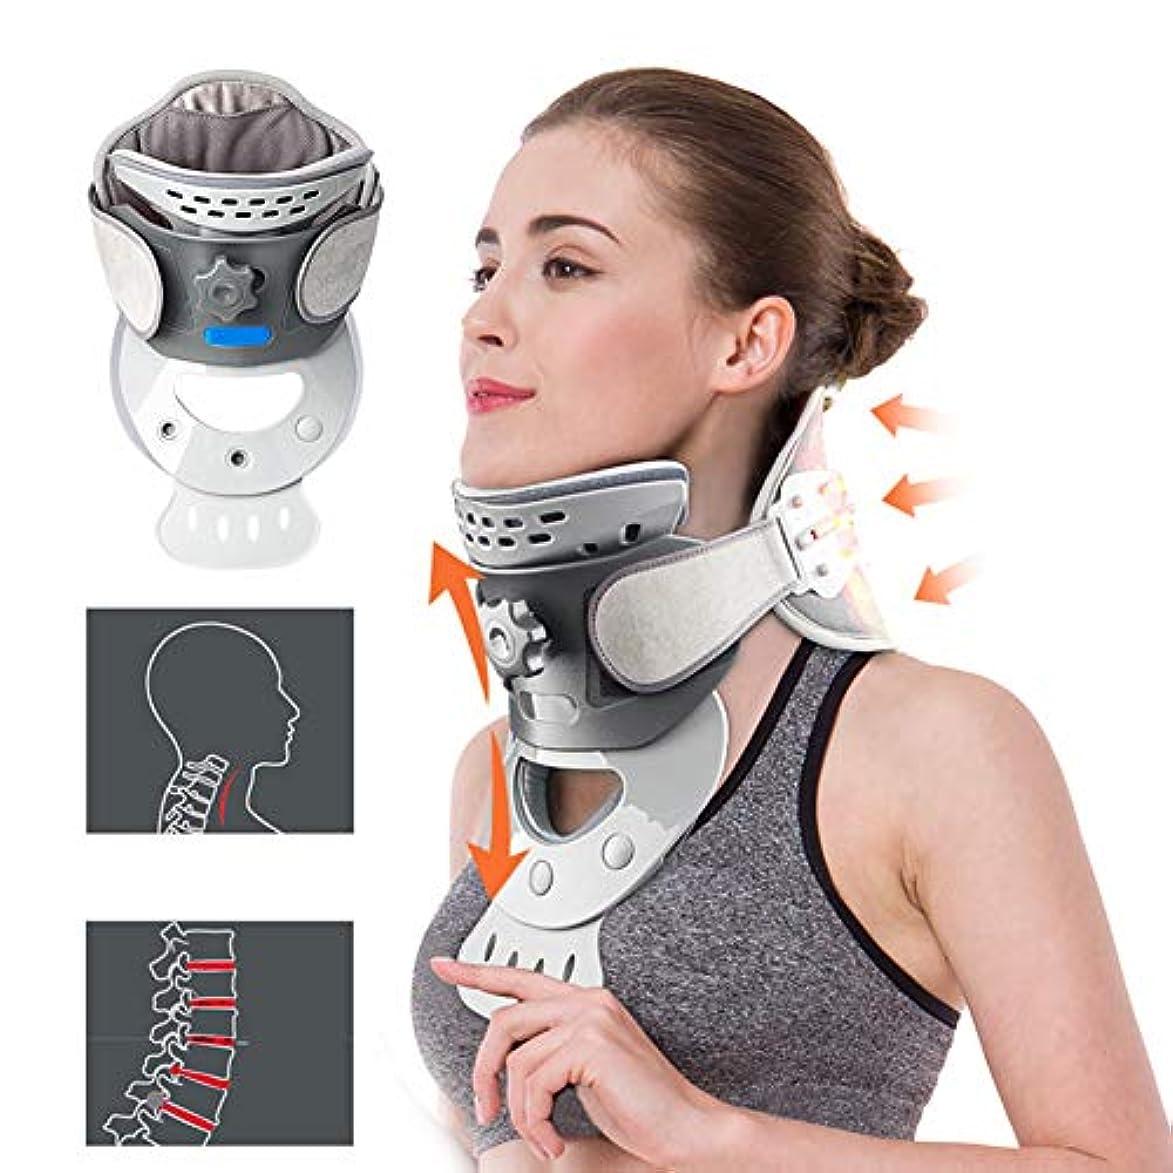 治すいわゆるアノイ加熱頸椎牽引装置、在宅医療サポートの首の肩の痛みの軽減、調節可能な改善された背骨の配置